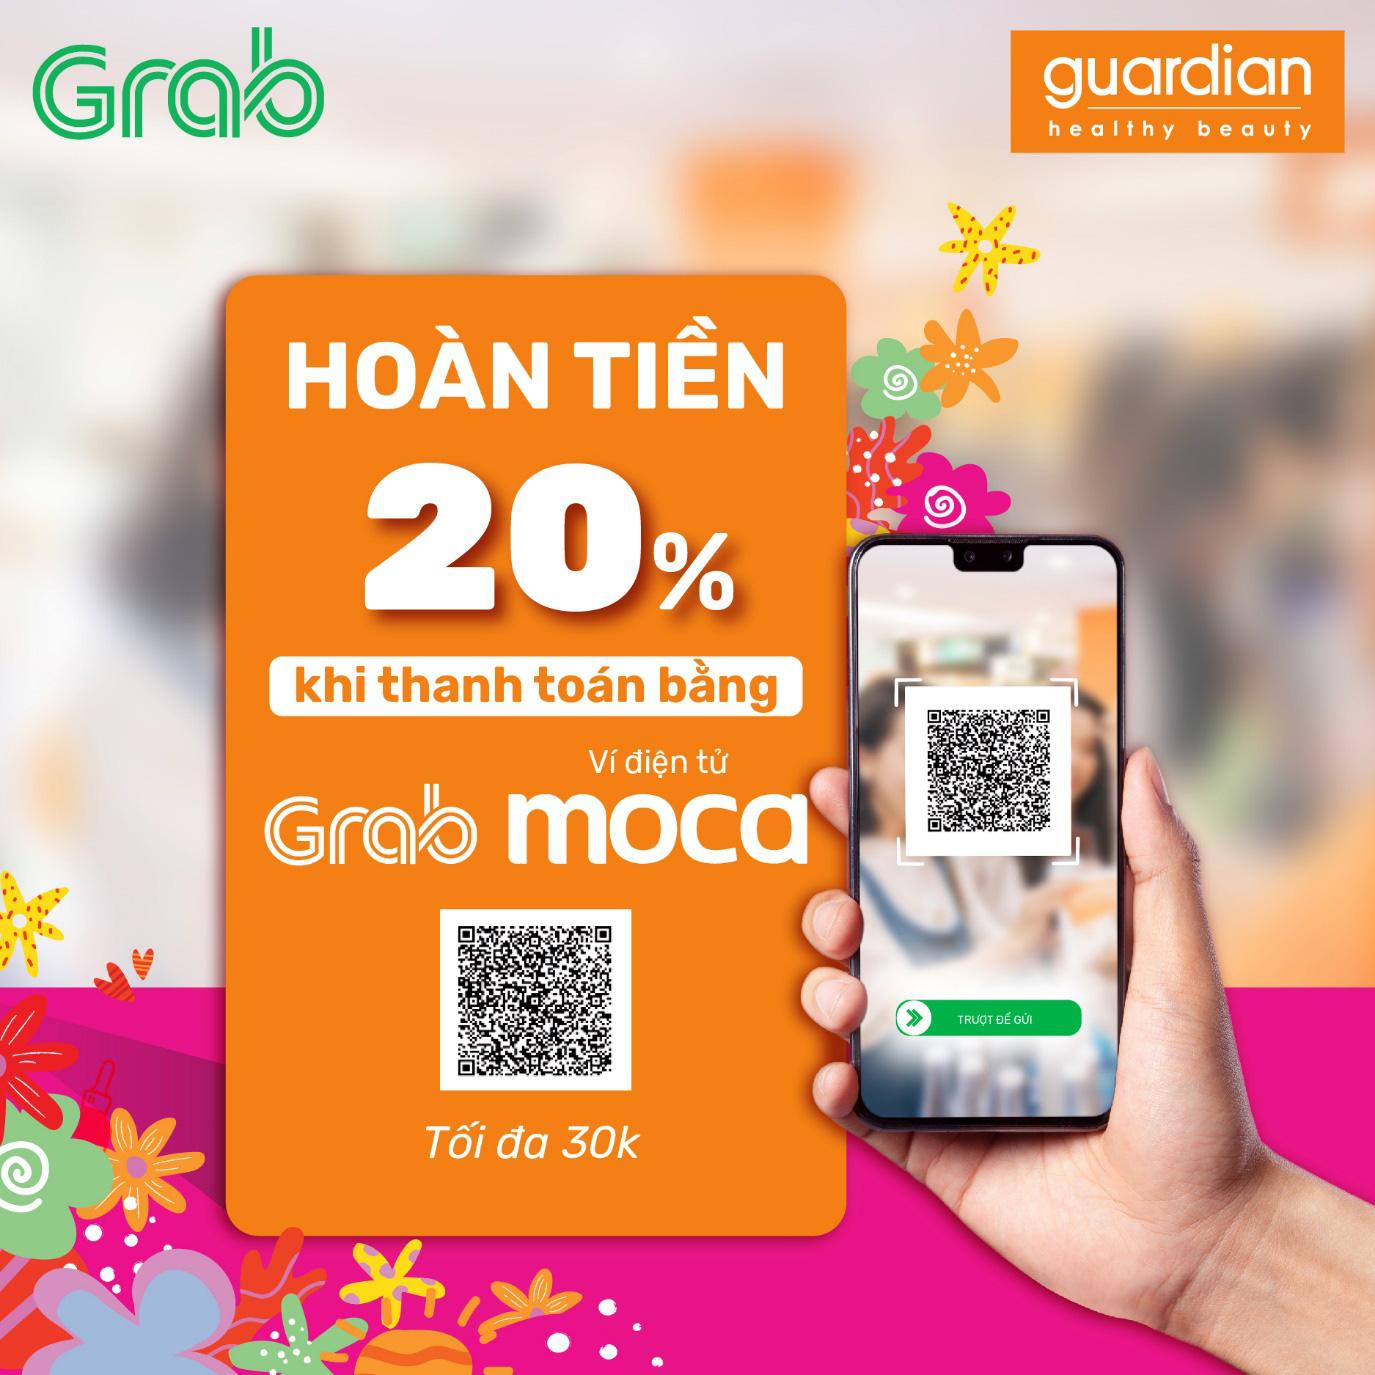 Hành trình kết nối những thương hiệu đình đám thế giới với người tiêu dùng Việt của Guardian - Ảnh 6.